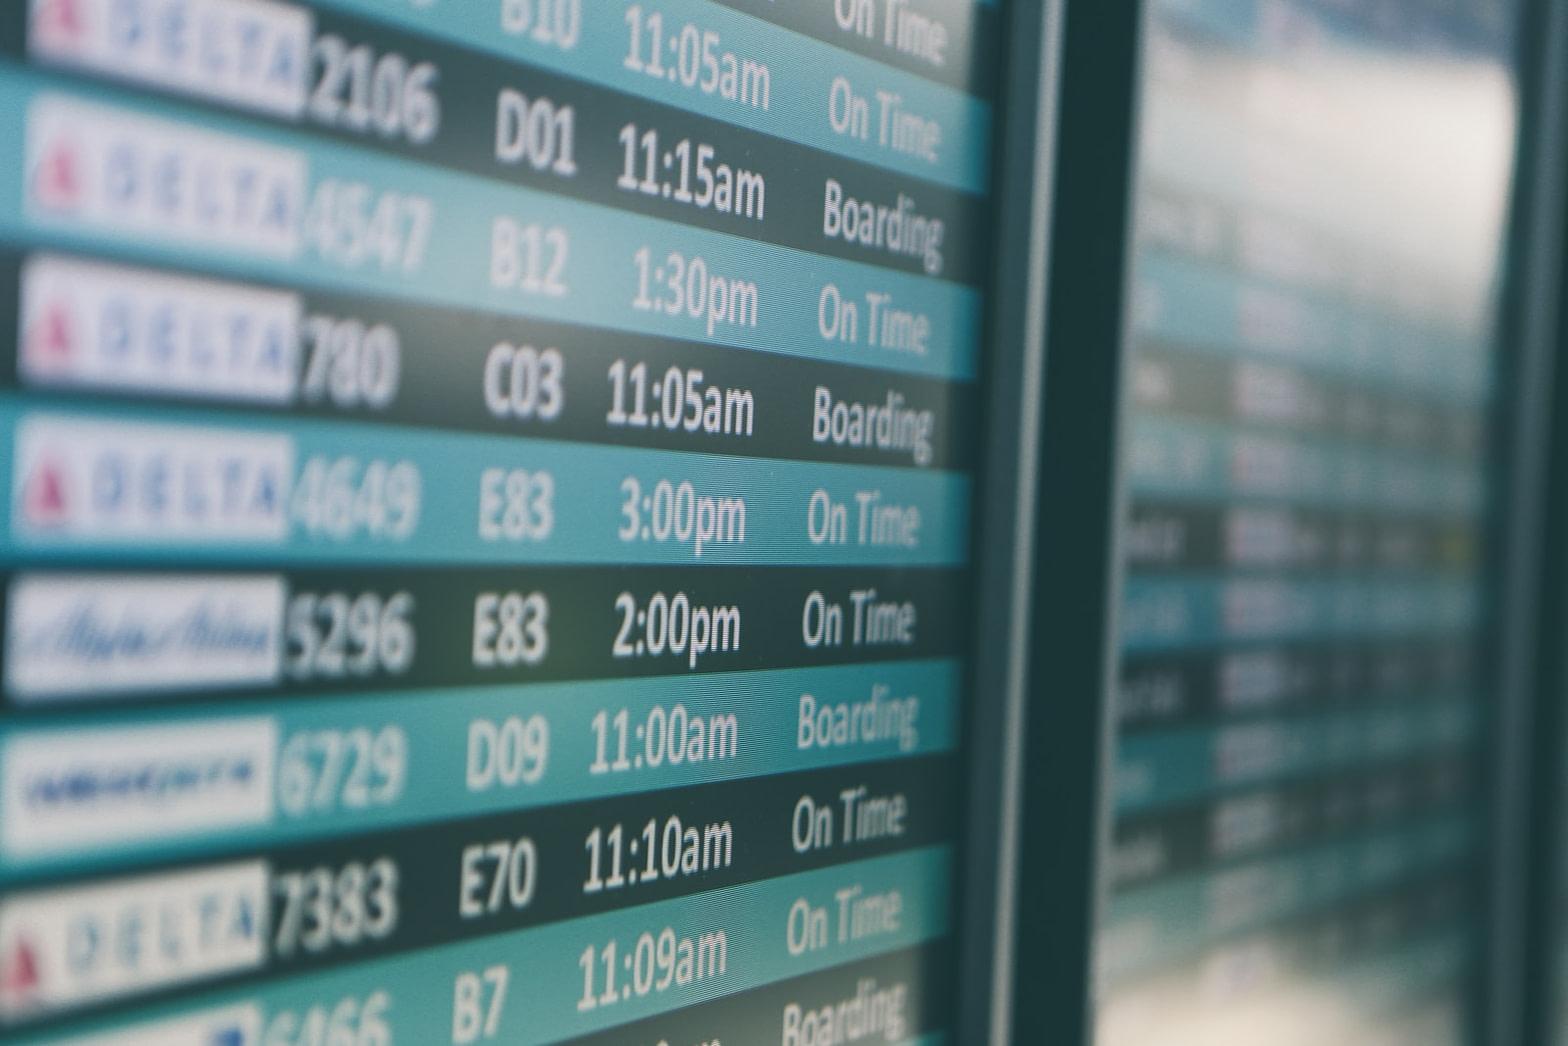 رحلات طيران دبي أبها DXB AHB